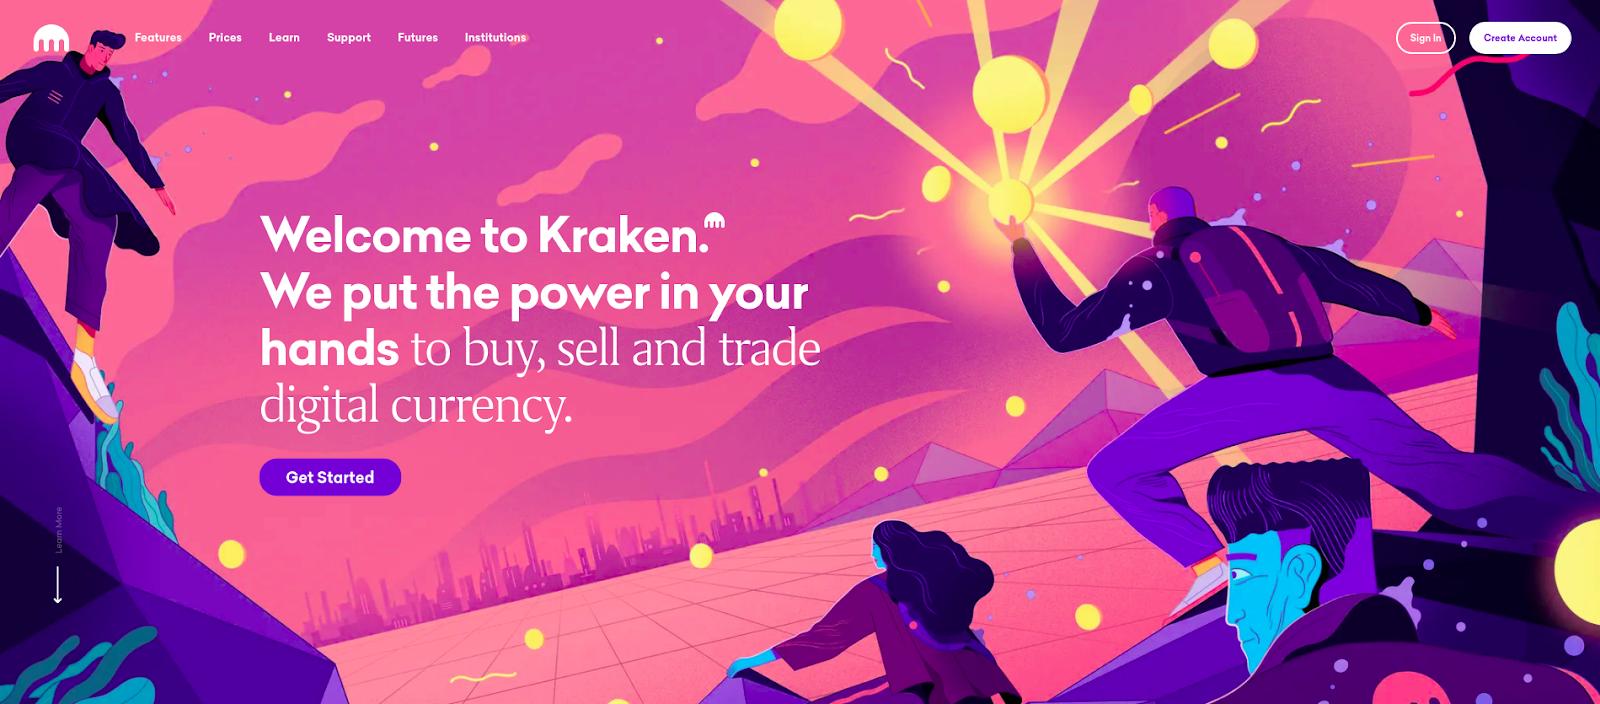 Make money with cryptos via staking on Kraken